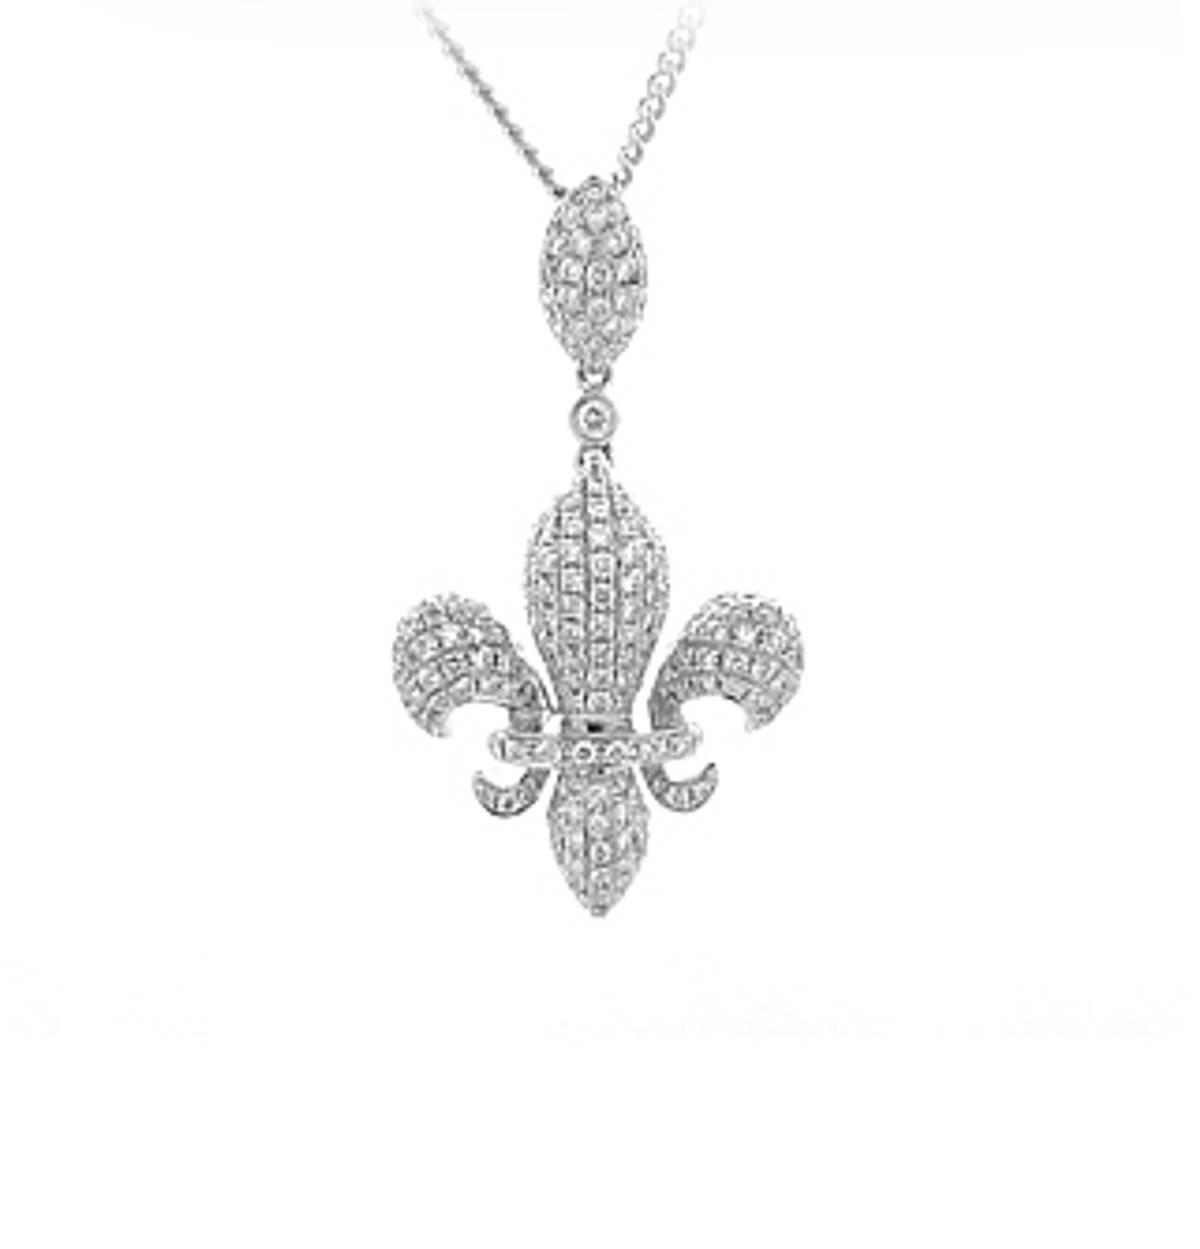 18 carat white gold FLEUR DE LYSE pendant set with 0.82cts diamonds.